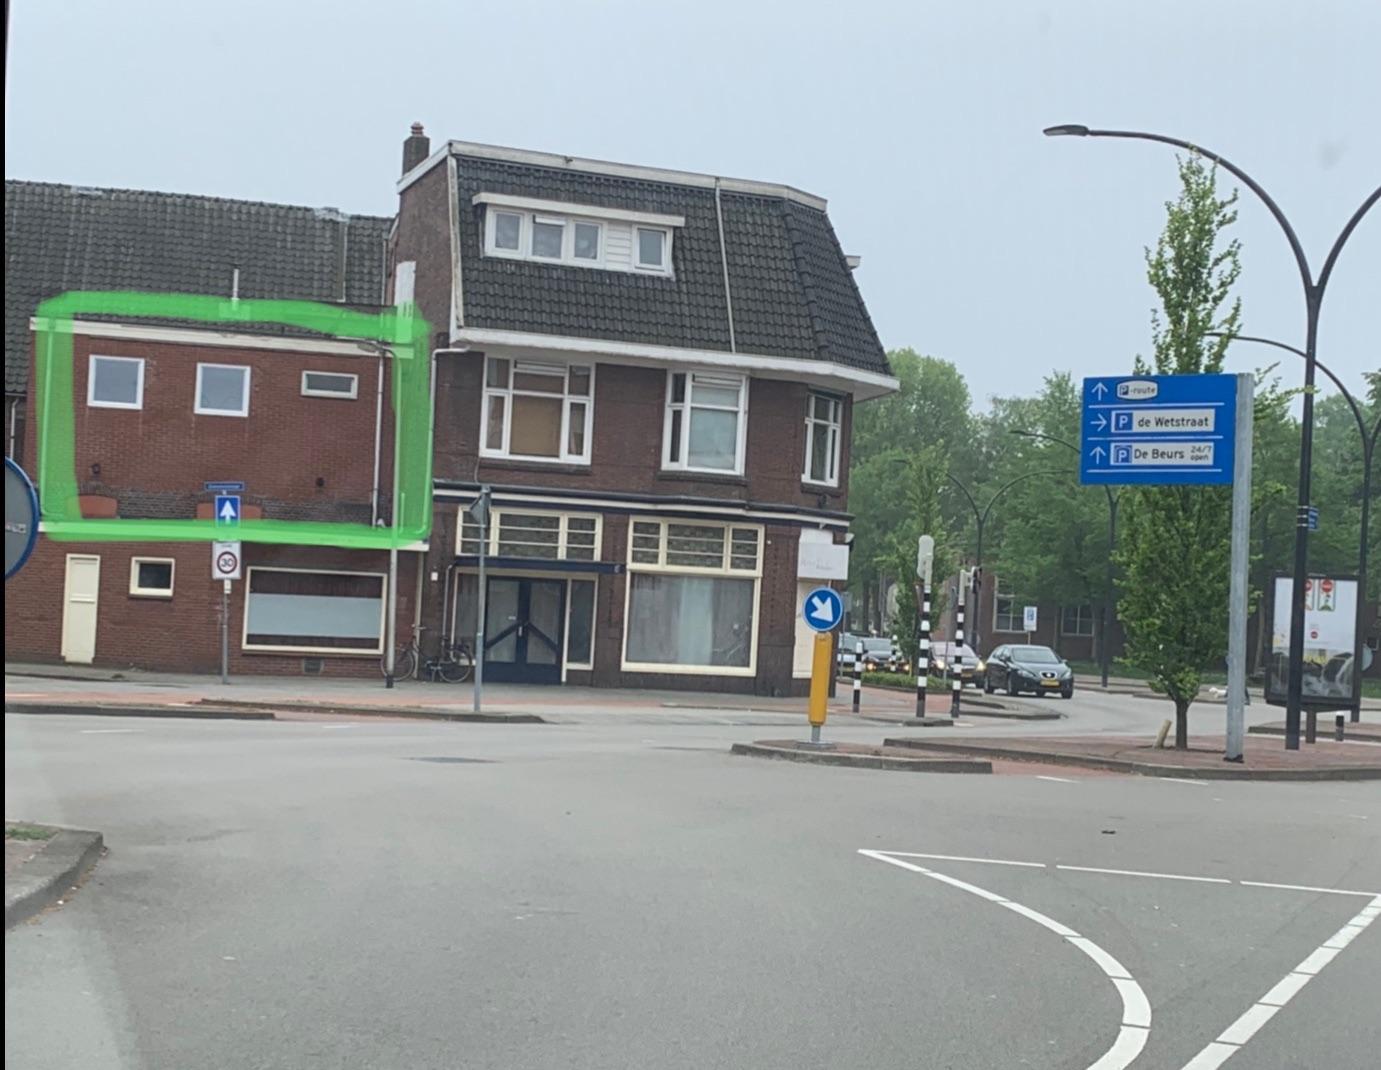 Ziekenhuisstraat